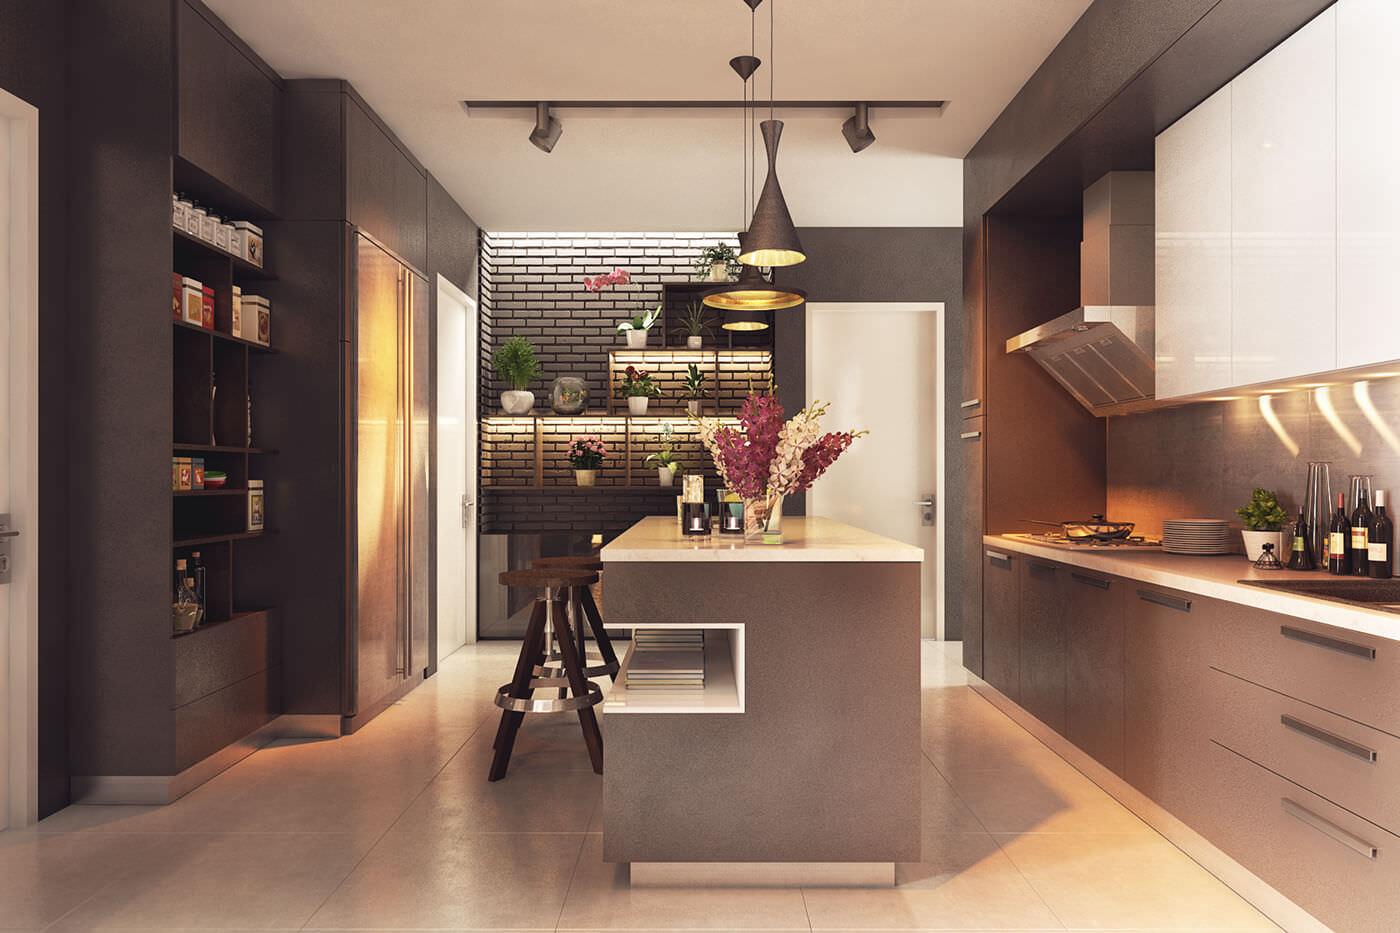 prostoren-apartament-s-eleganten-interior-v-neutralni-tsvetove-5g